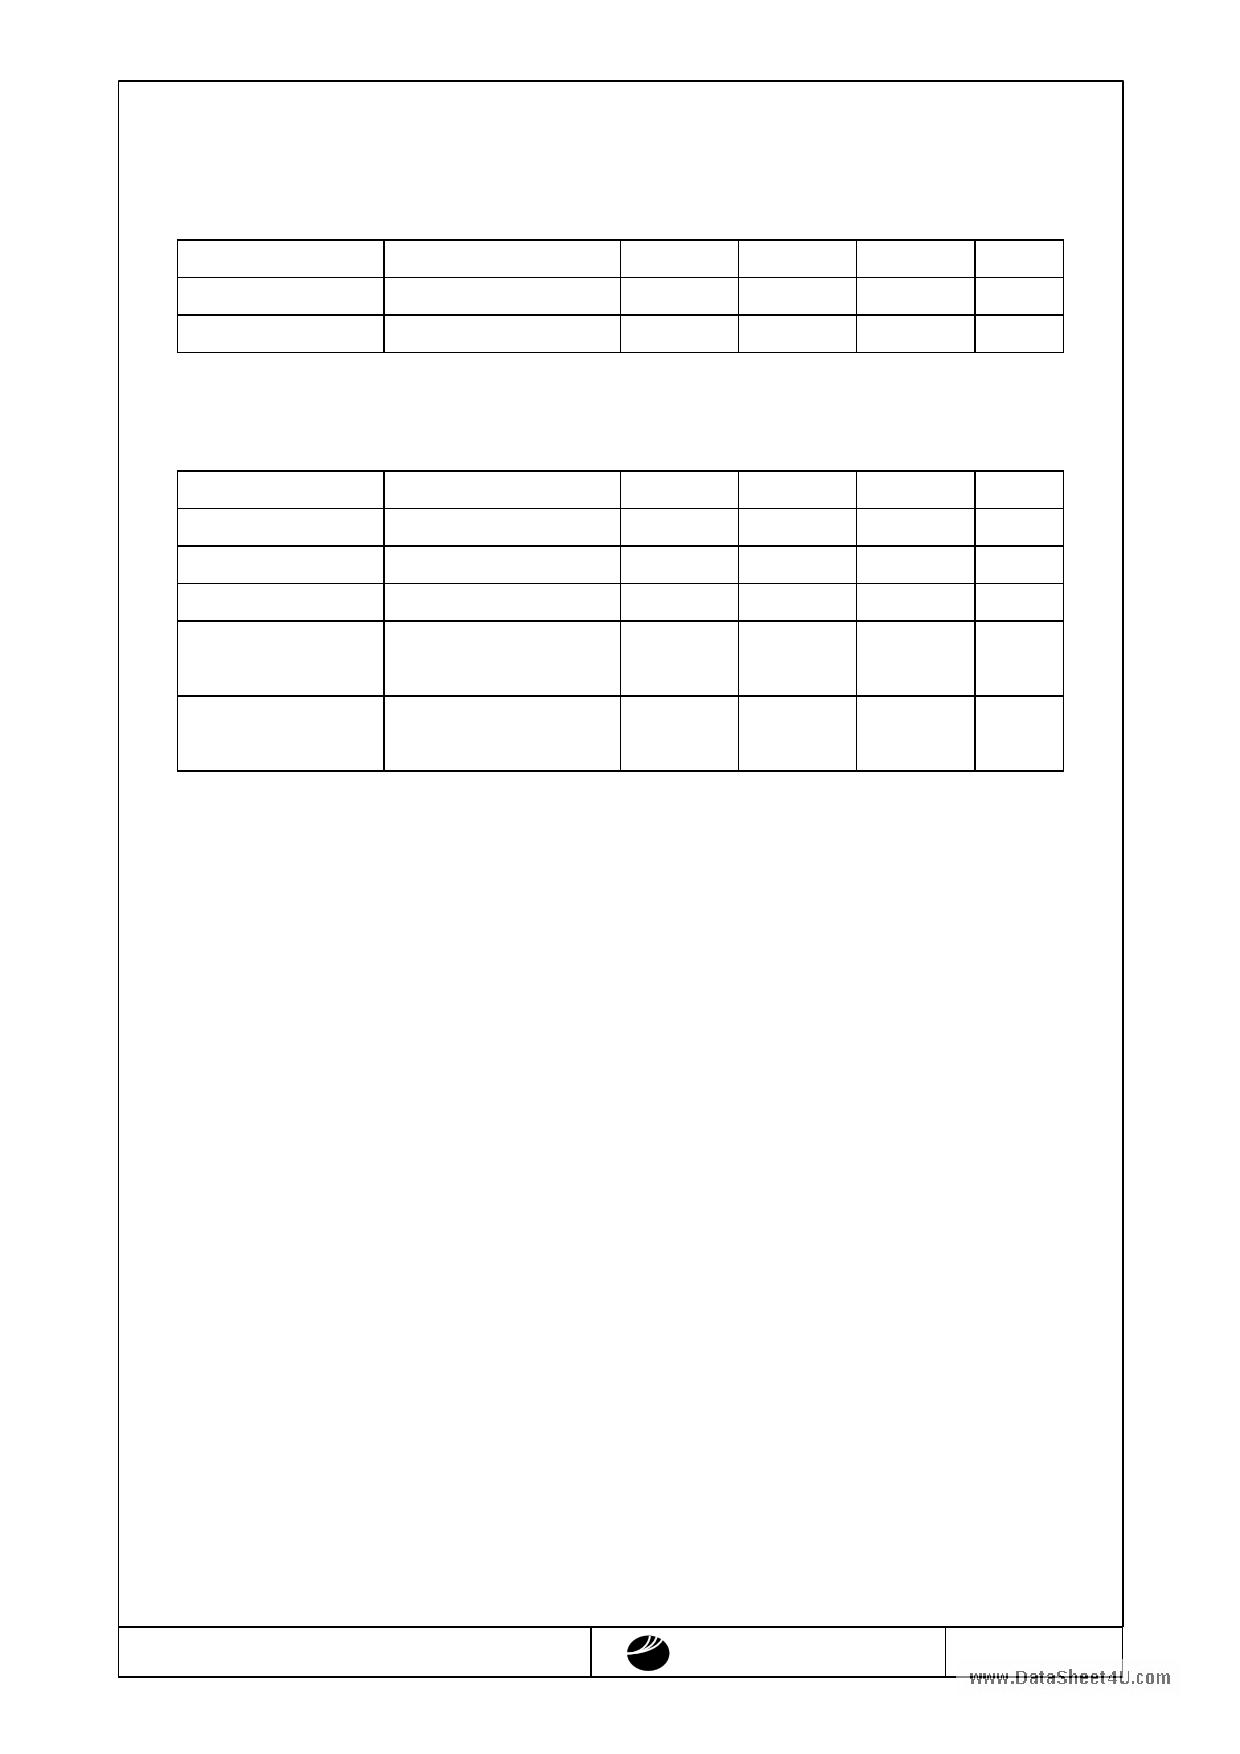 DMC20434N-EB pdf